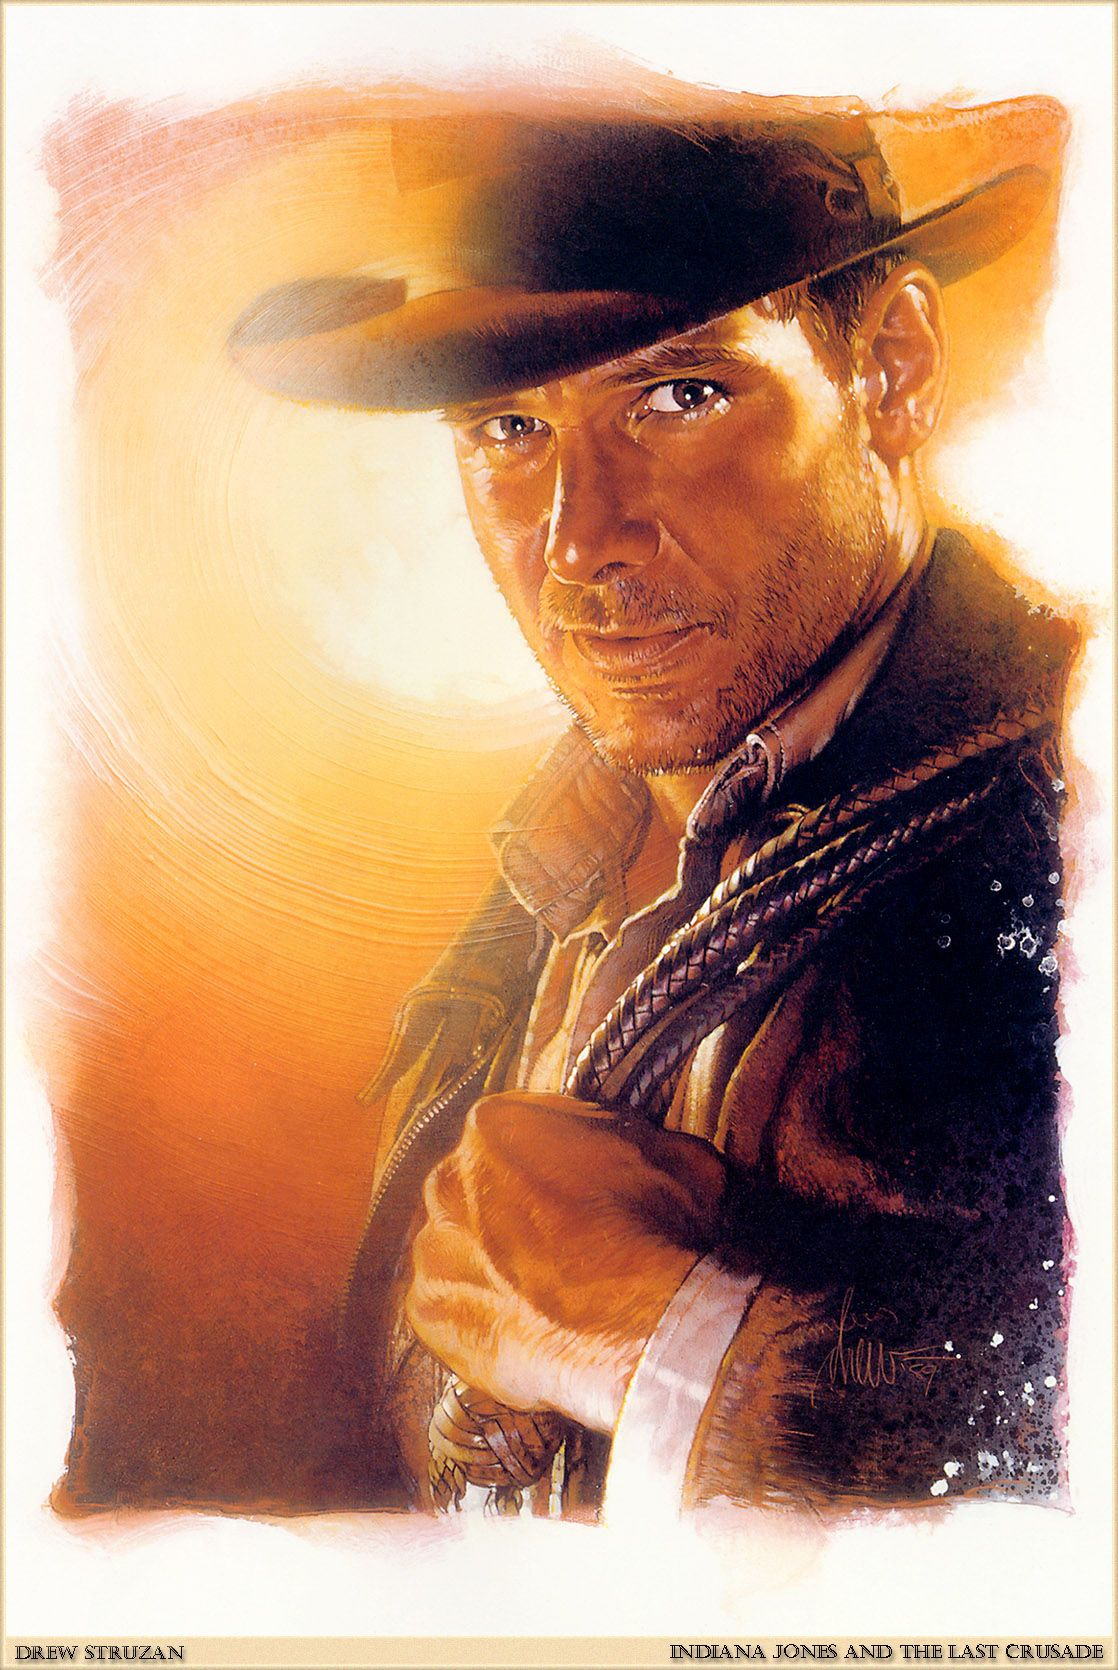 Indiana Jones by Dew Struzan